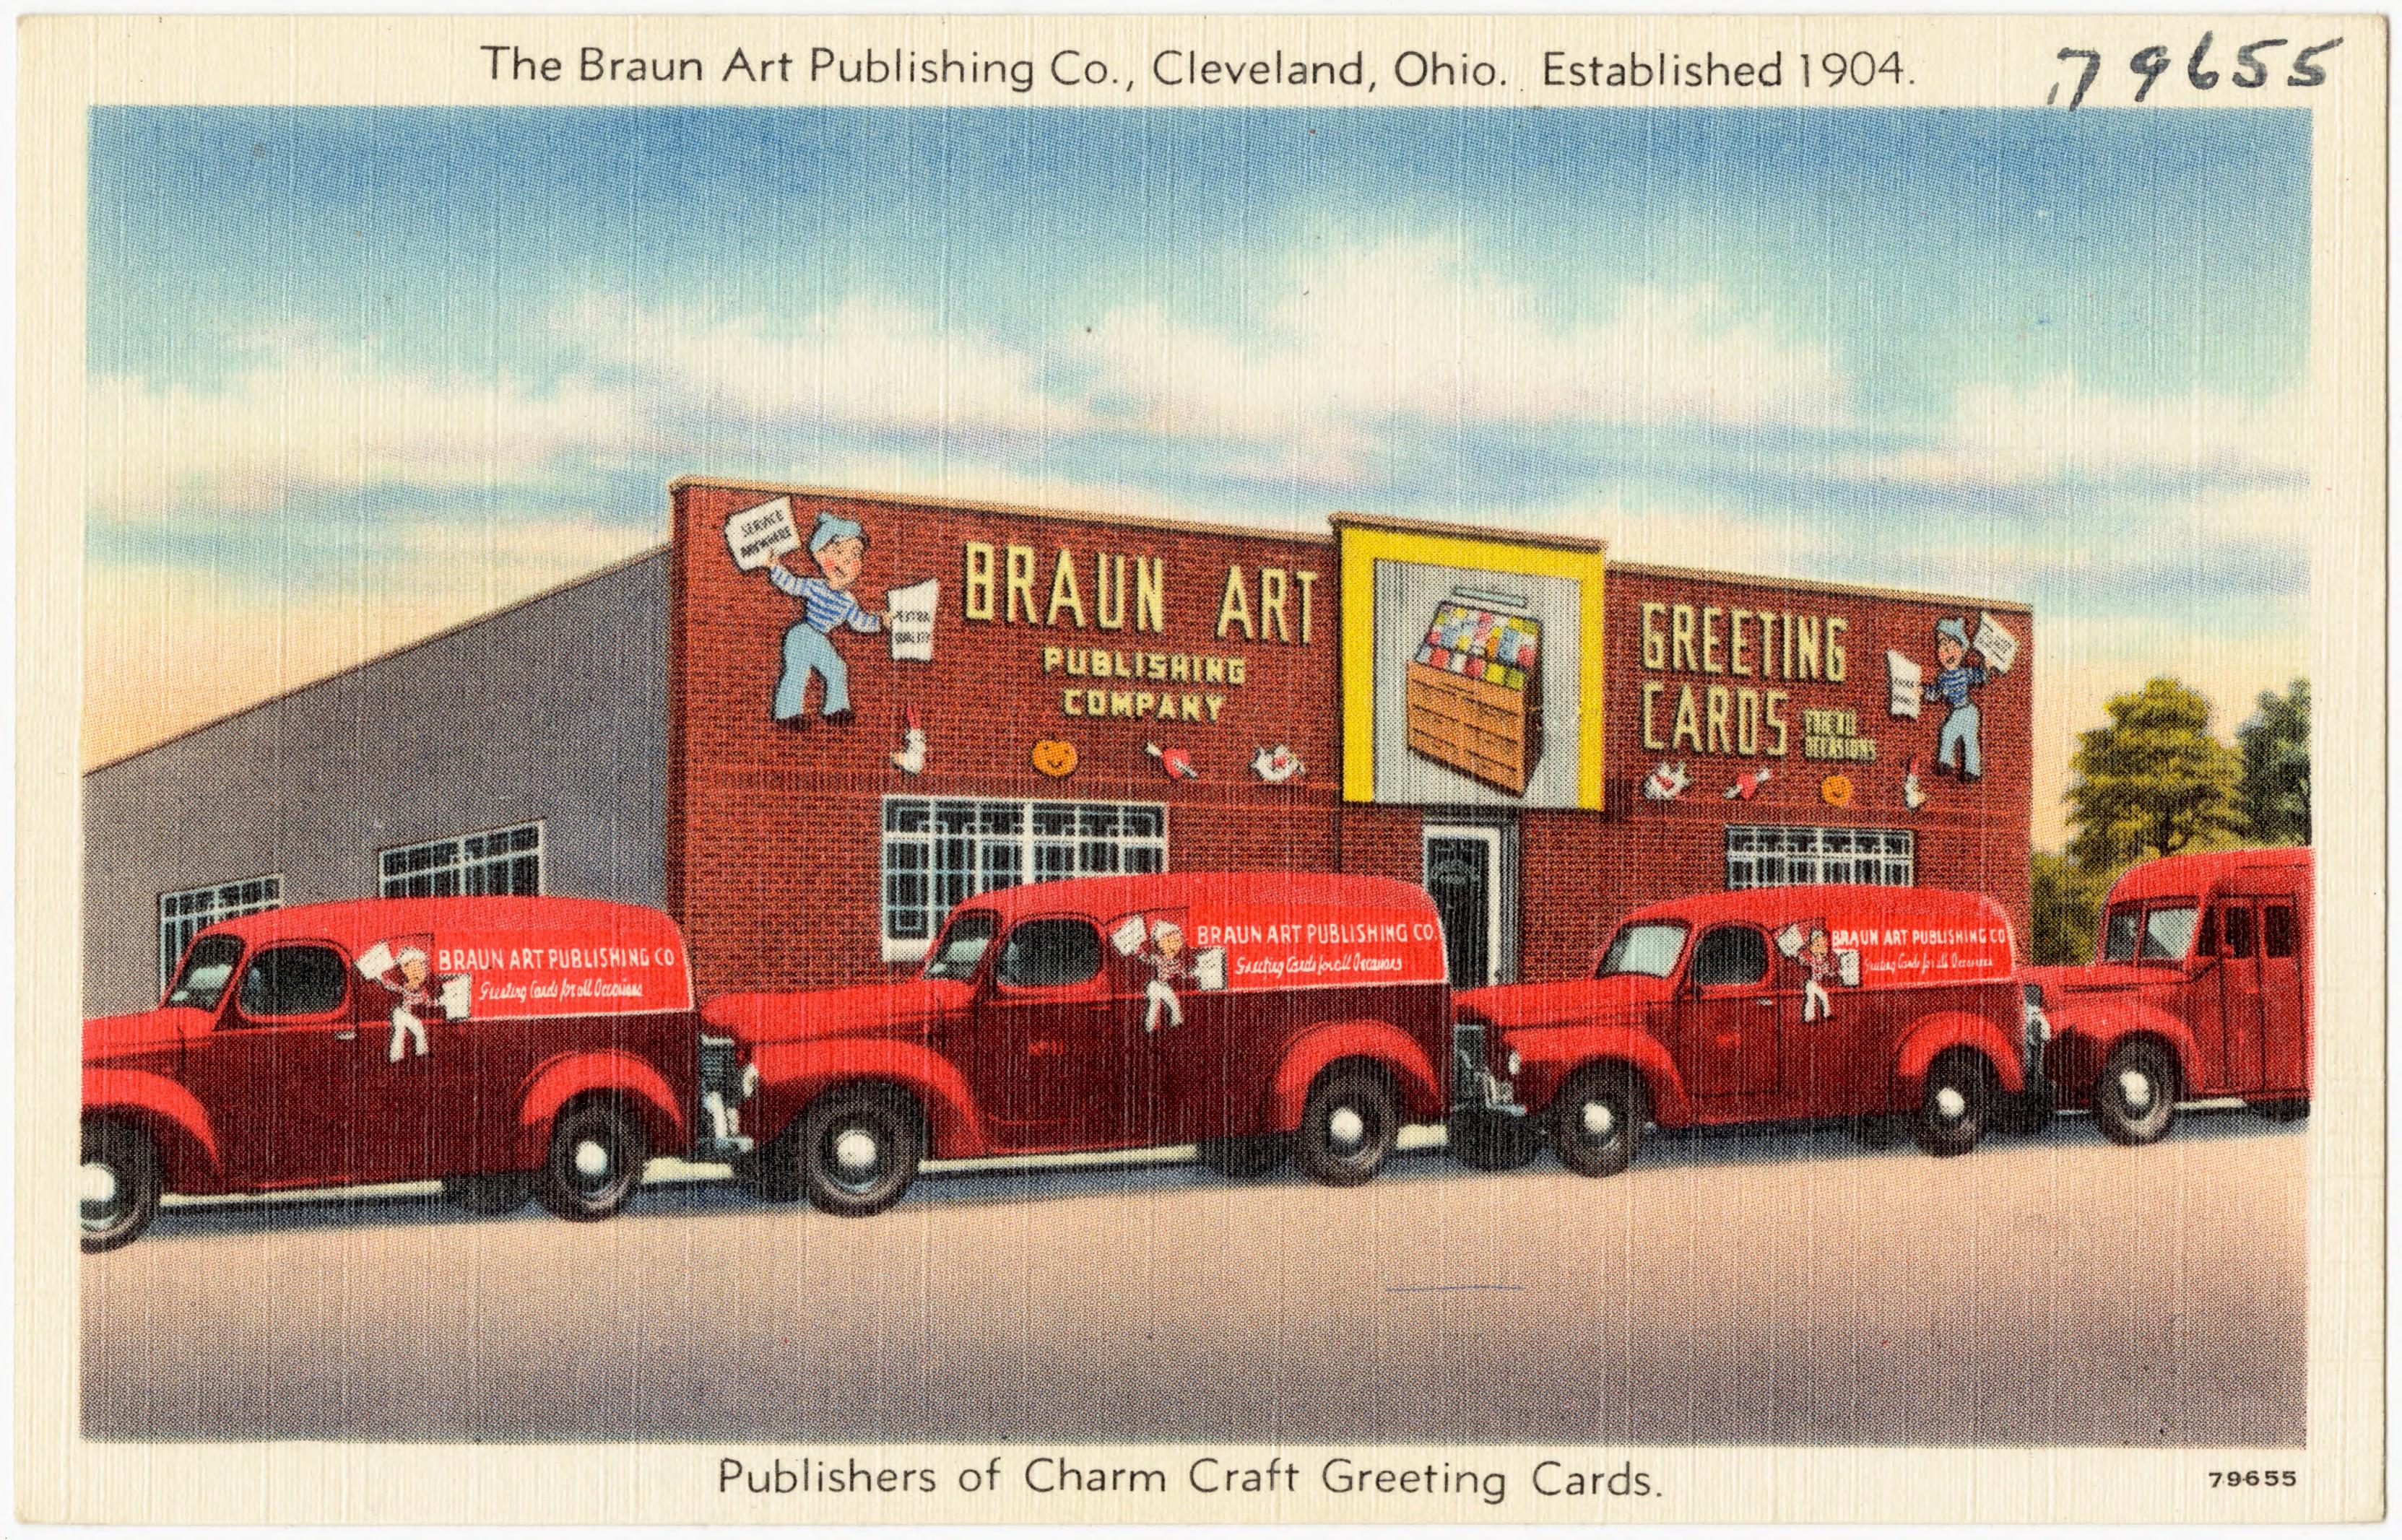 Filethe Braun Art Publishing Co Cleveland Ohio Established 1904